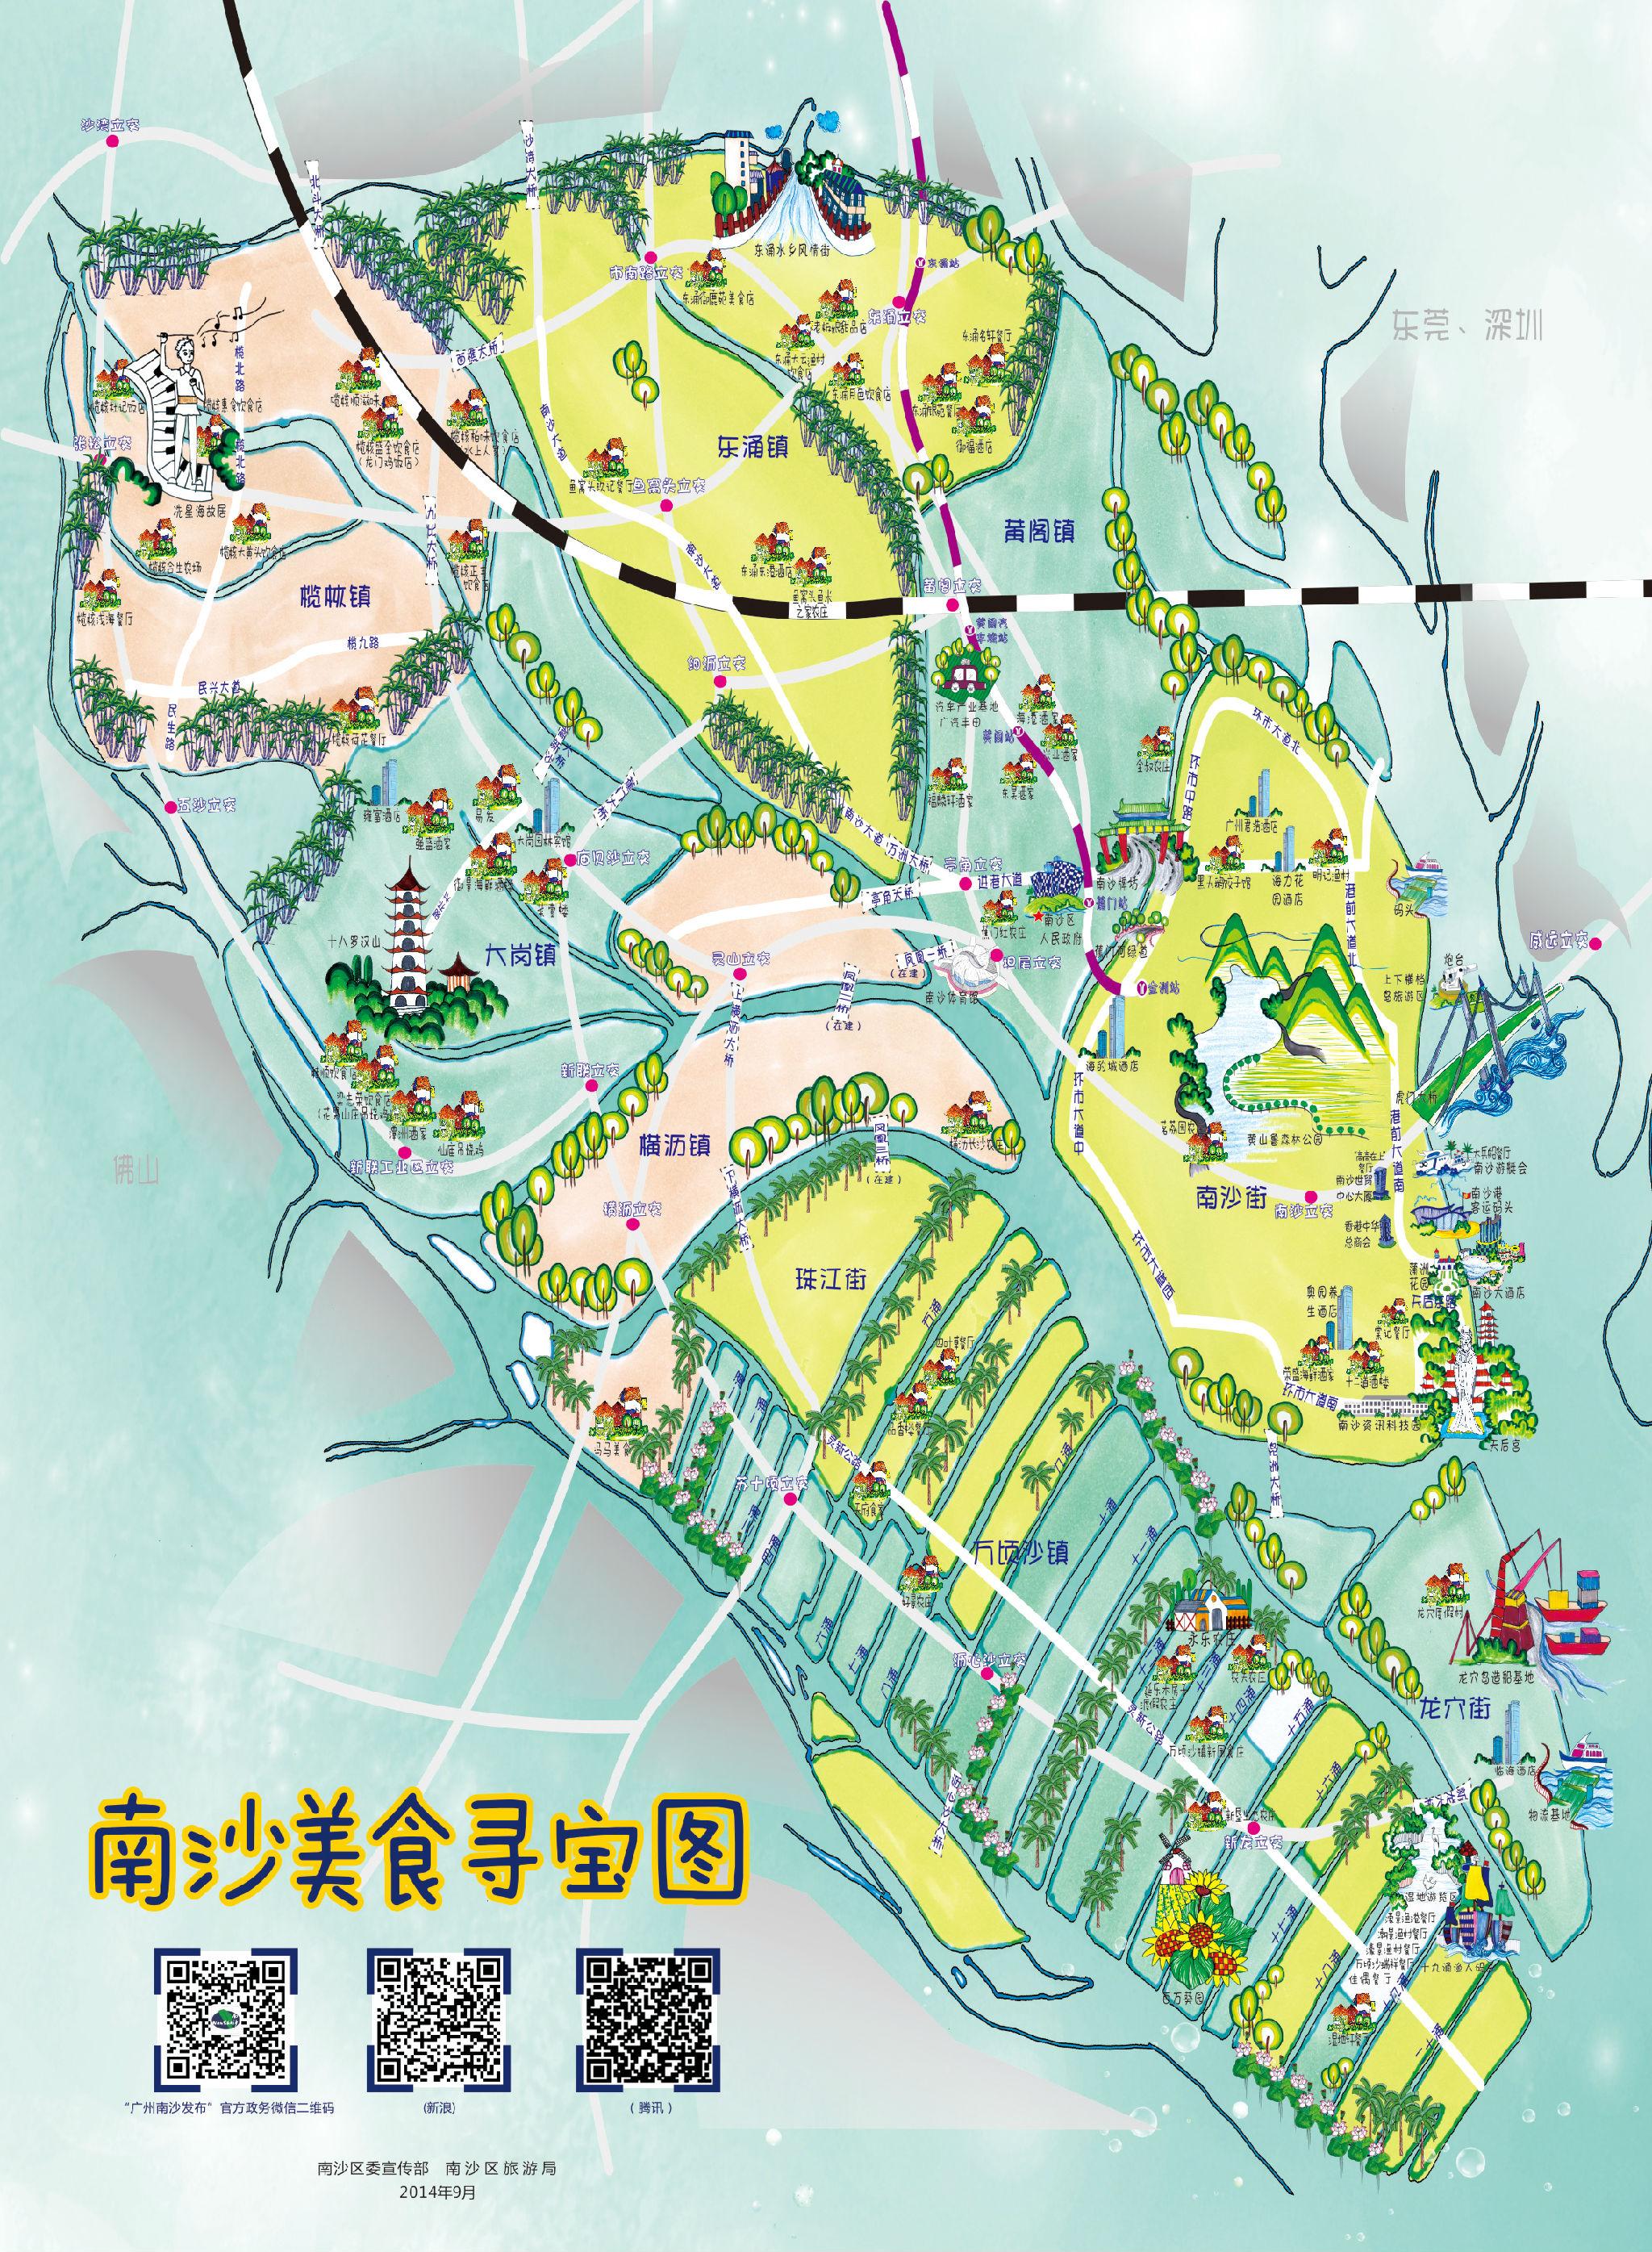 水乡空间结构 莆田